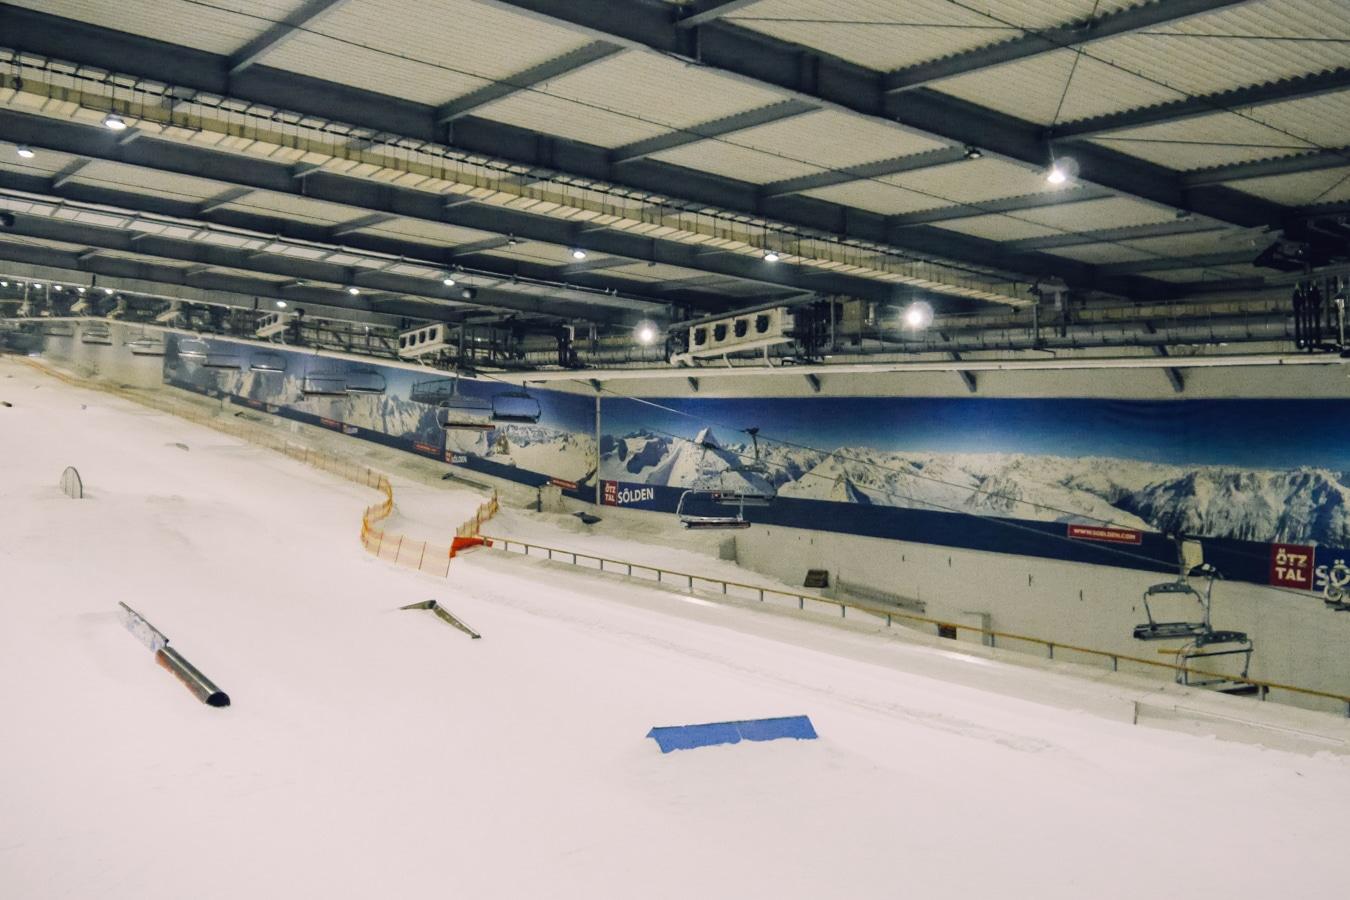 Snow Dome: Ski fahren zu jeder Jahreszeit